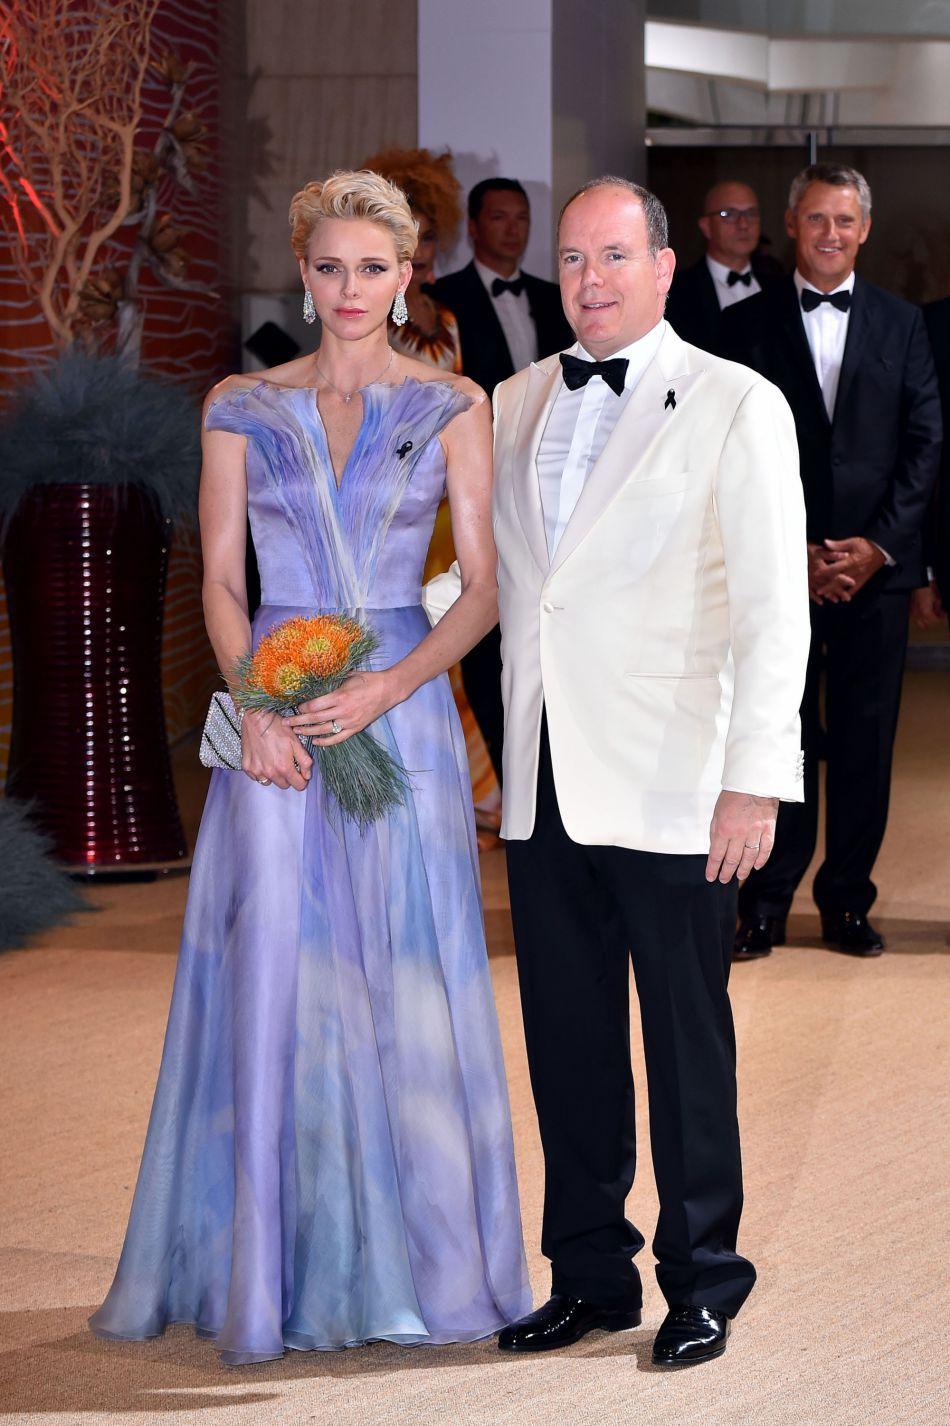 La princesse Charlène de Monaco est apparue rayonnante en une robe de bal longue princesse